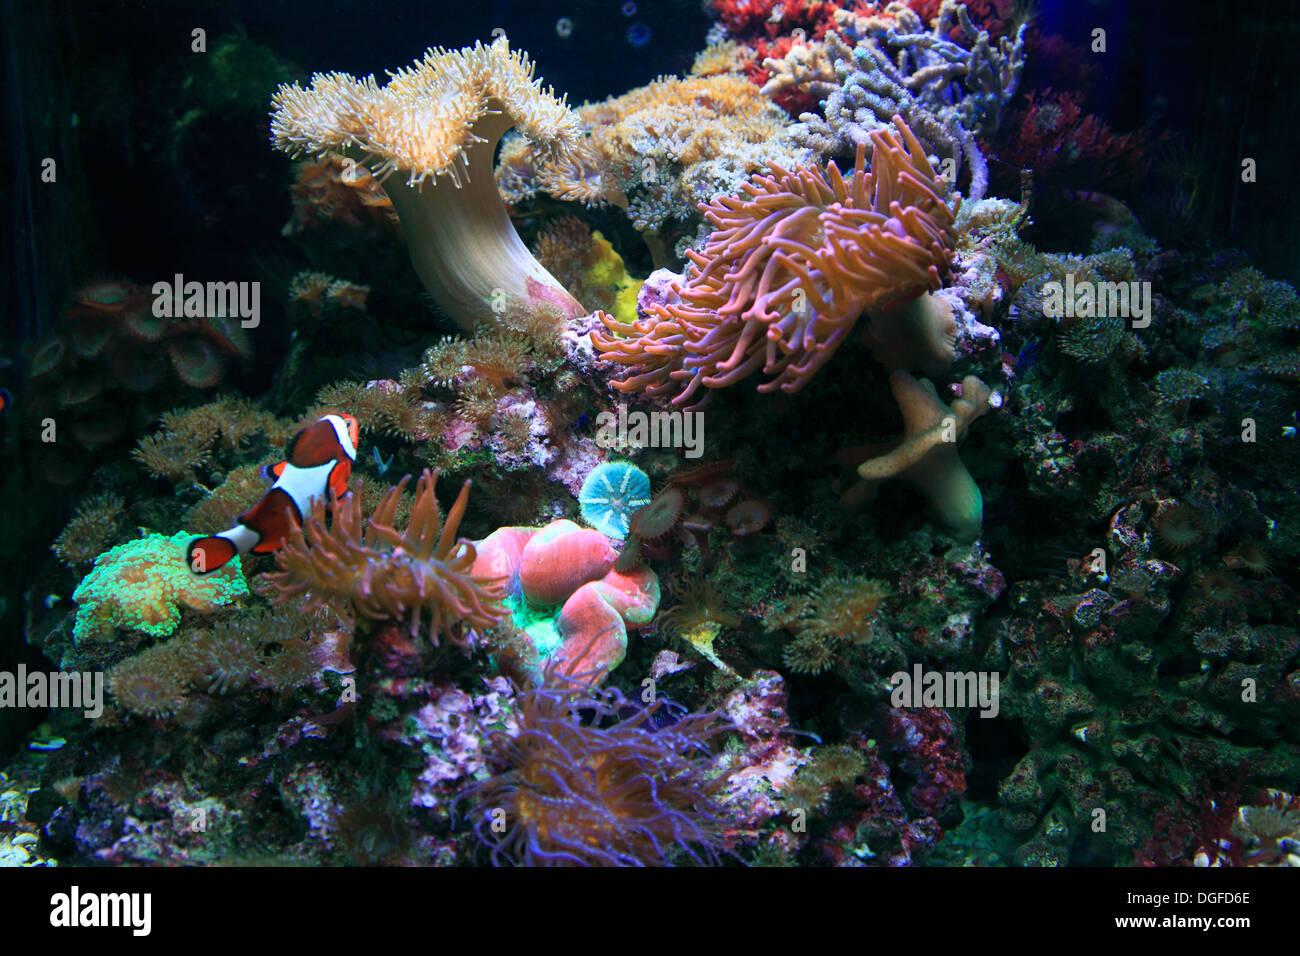 D-Oberhausen, Ruhr area, Lower Rhine, Rhineland, North Rhine-Westphalia, NRW, D-Oberhausen-Neue Mitte, Centro Park, Sea Life Adventure Park, Sea Life Center, aquarium, corals - Stock Image